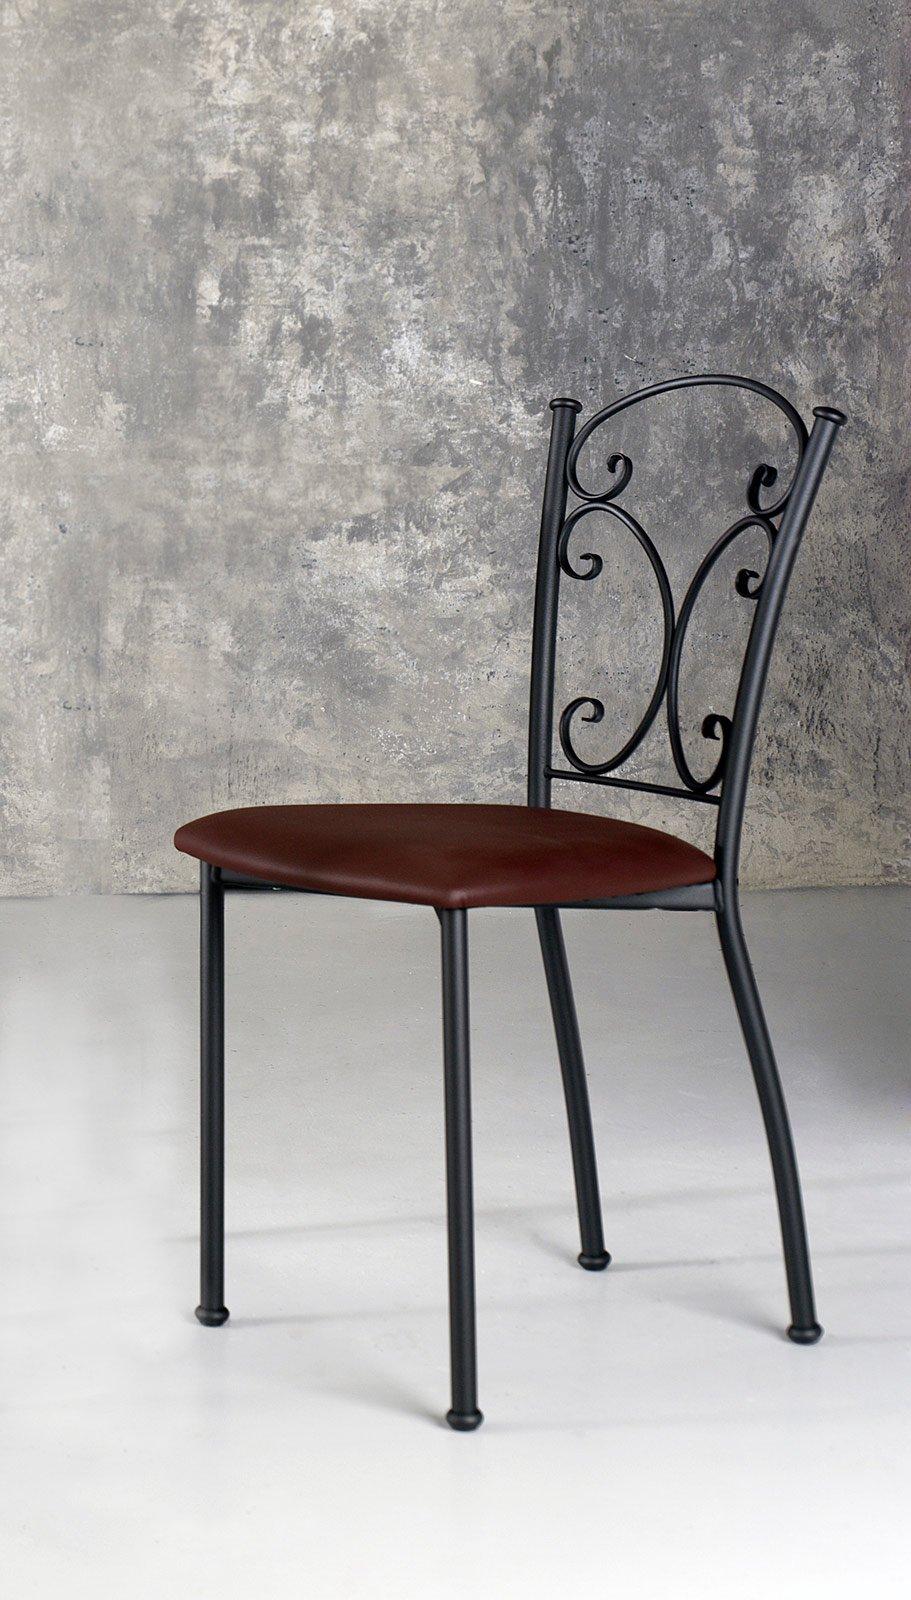 sedie soggiorno ecopelle: sedia imbottita in ecopelle clara di ... - Sedie Soggiorno Imbottite 2